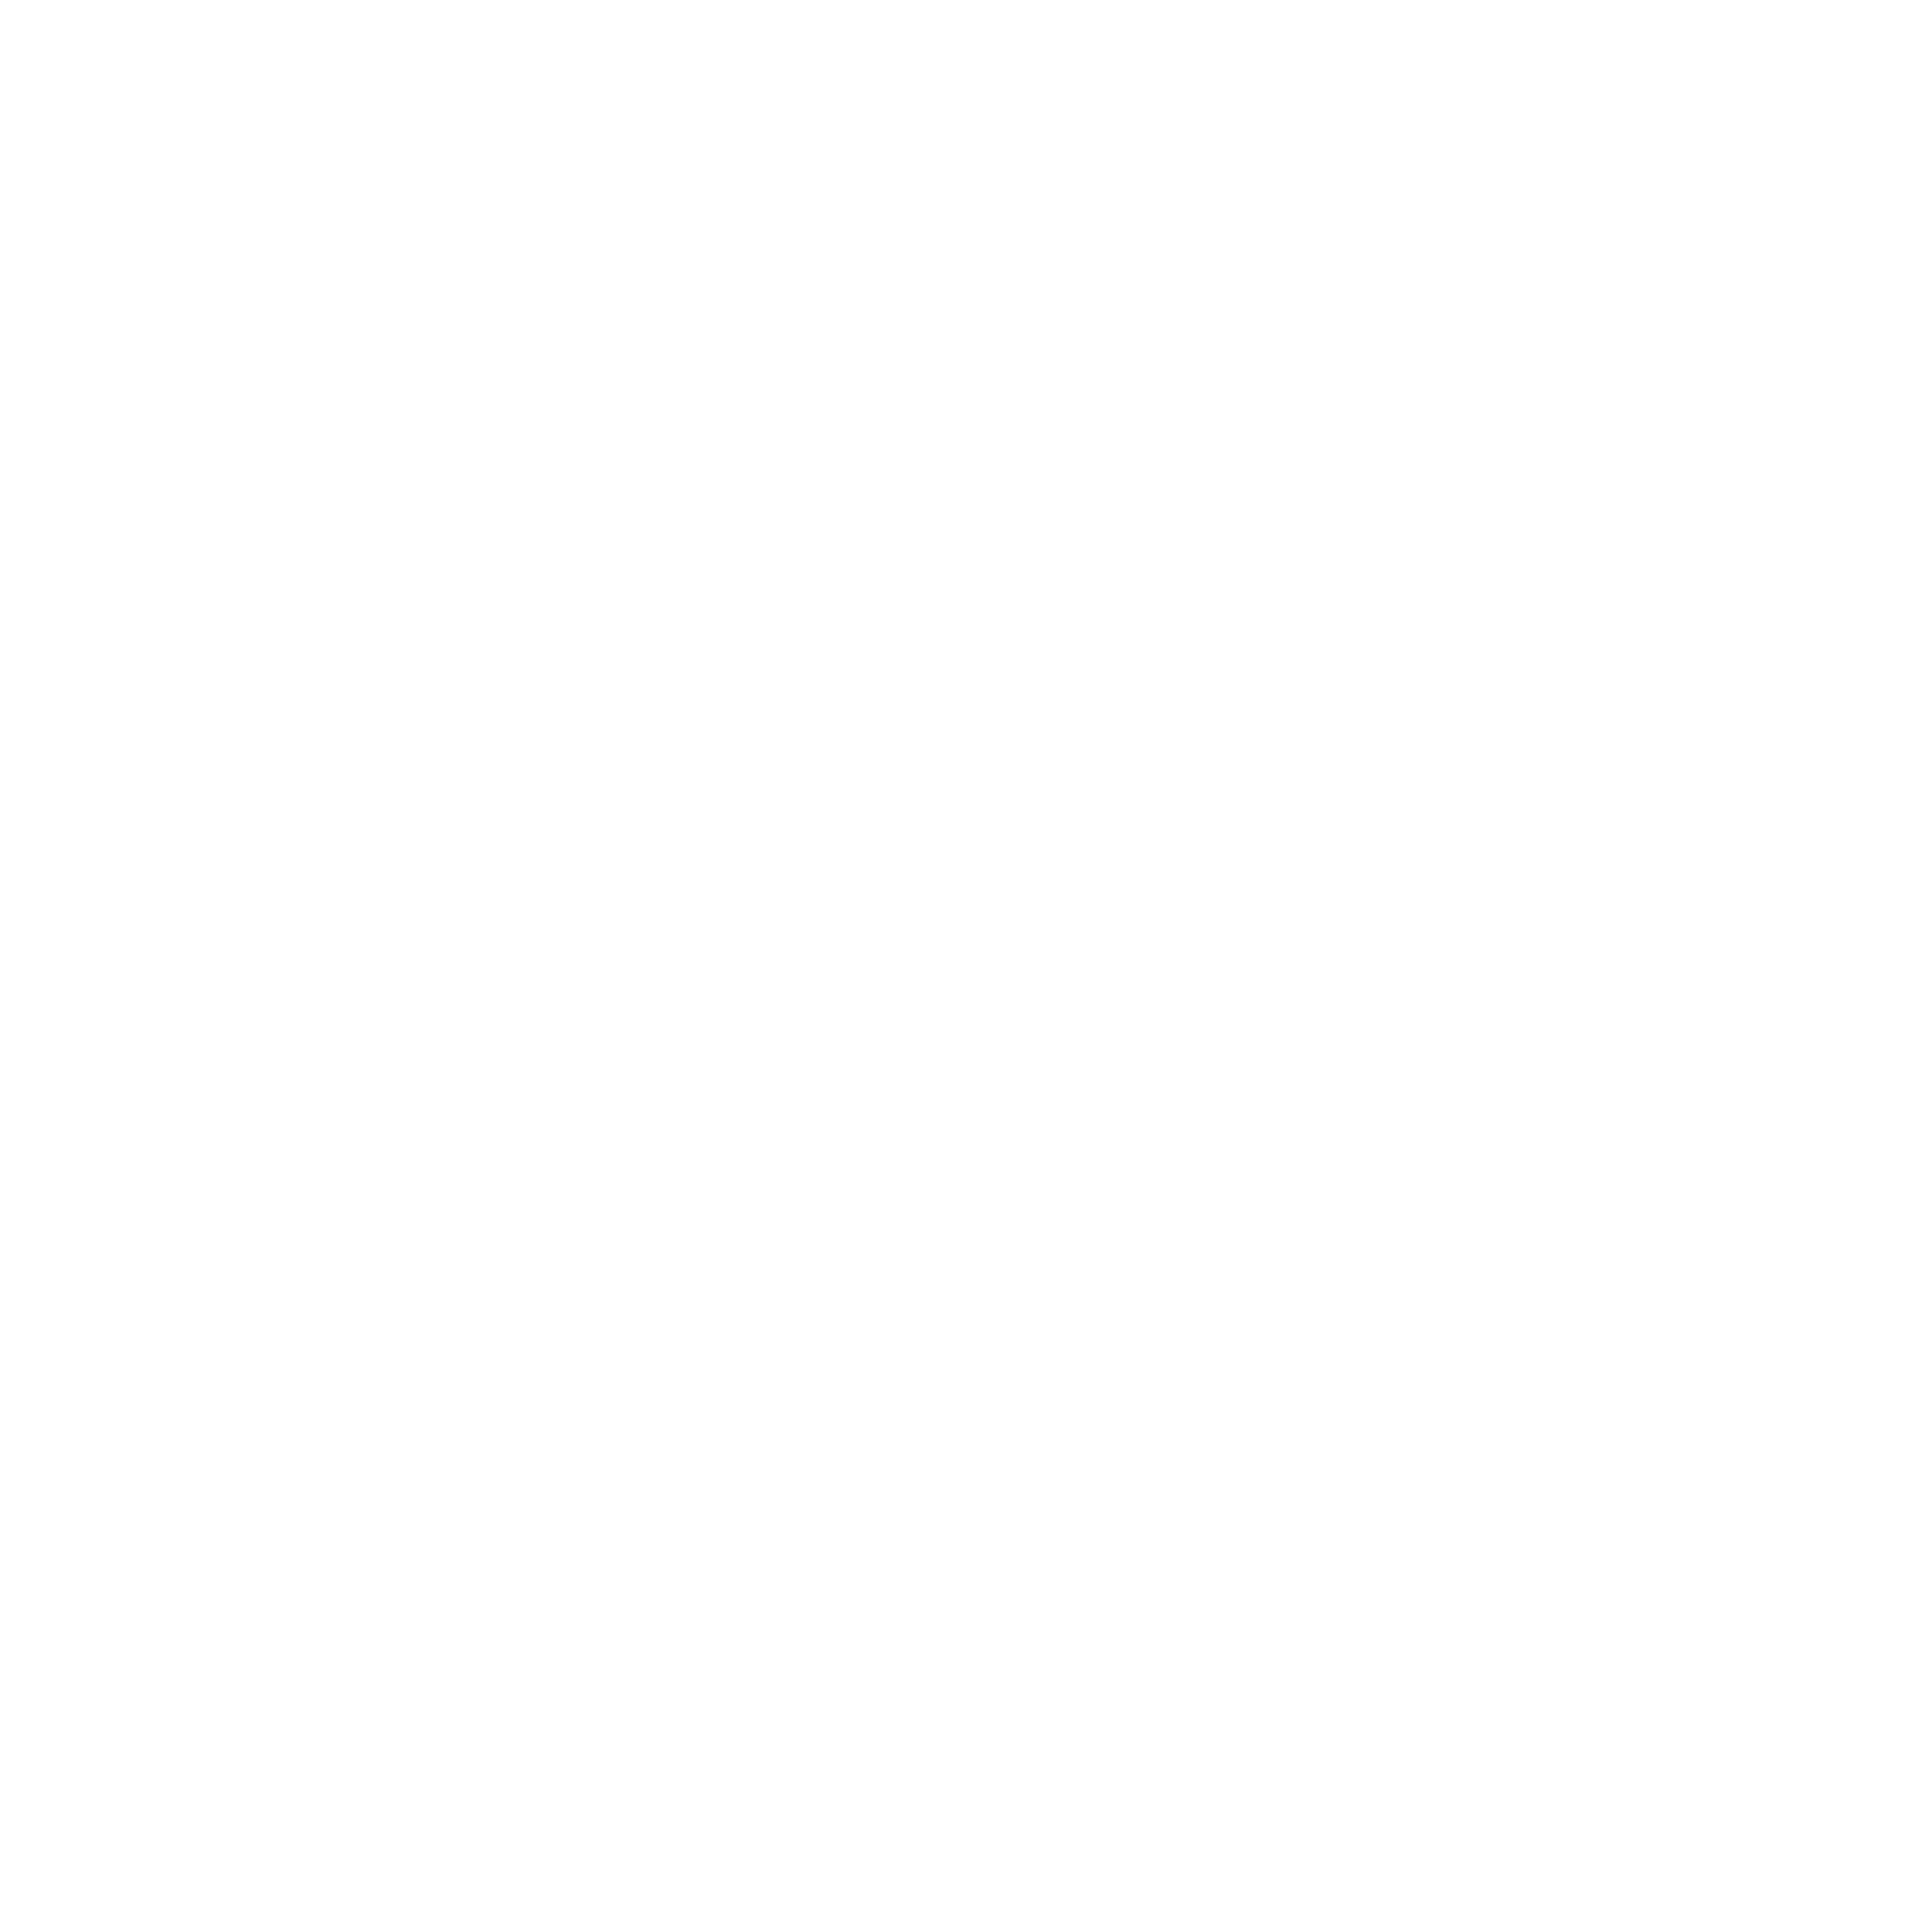 MAKE INTERIORS